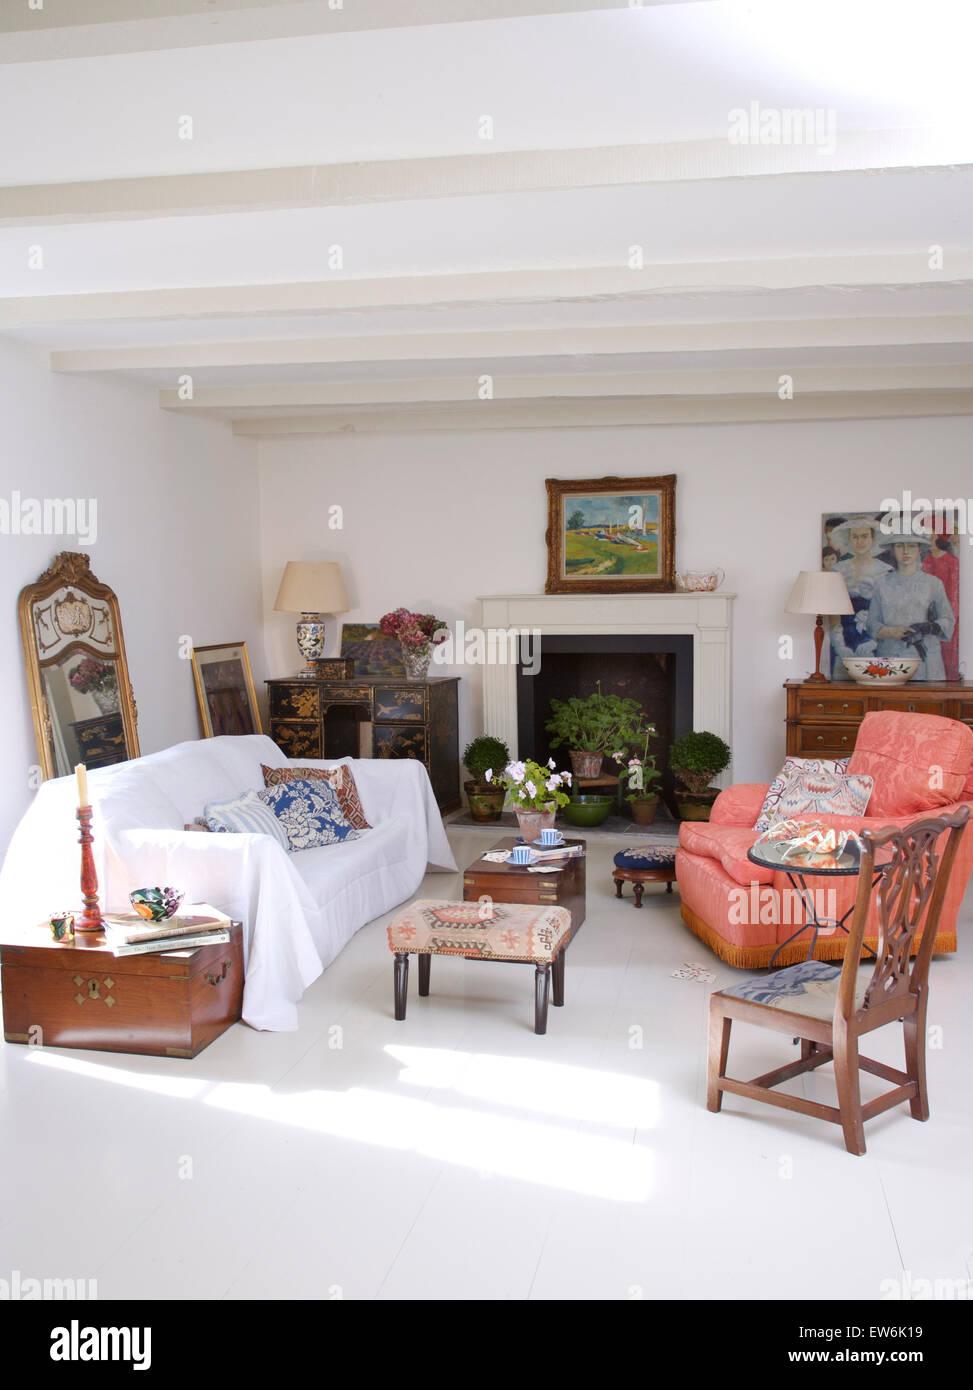 White buttare sul divano in bianco paese francese soggiorno con una ...